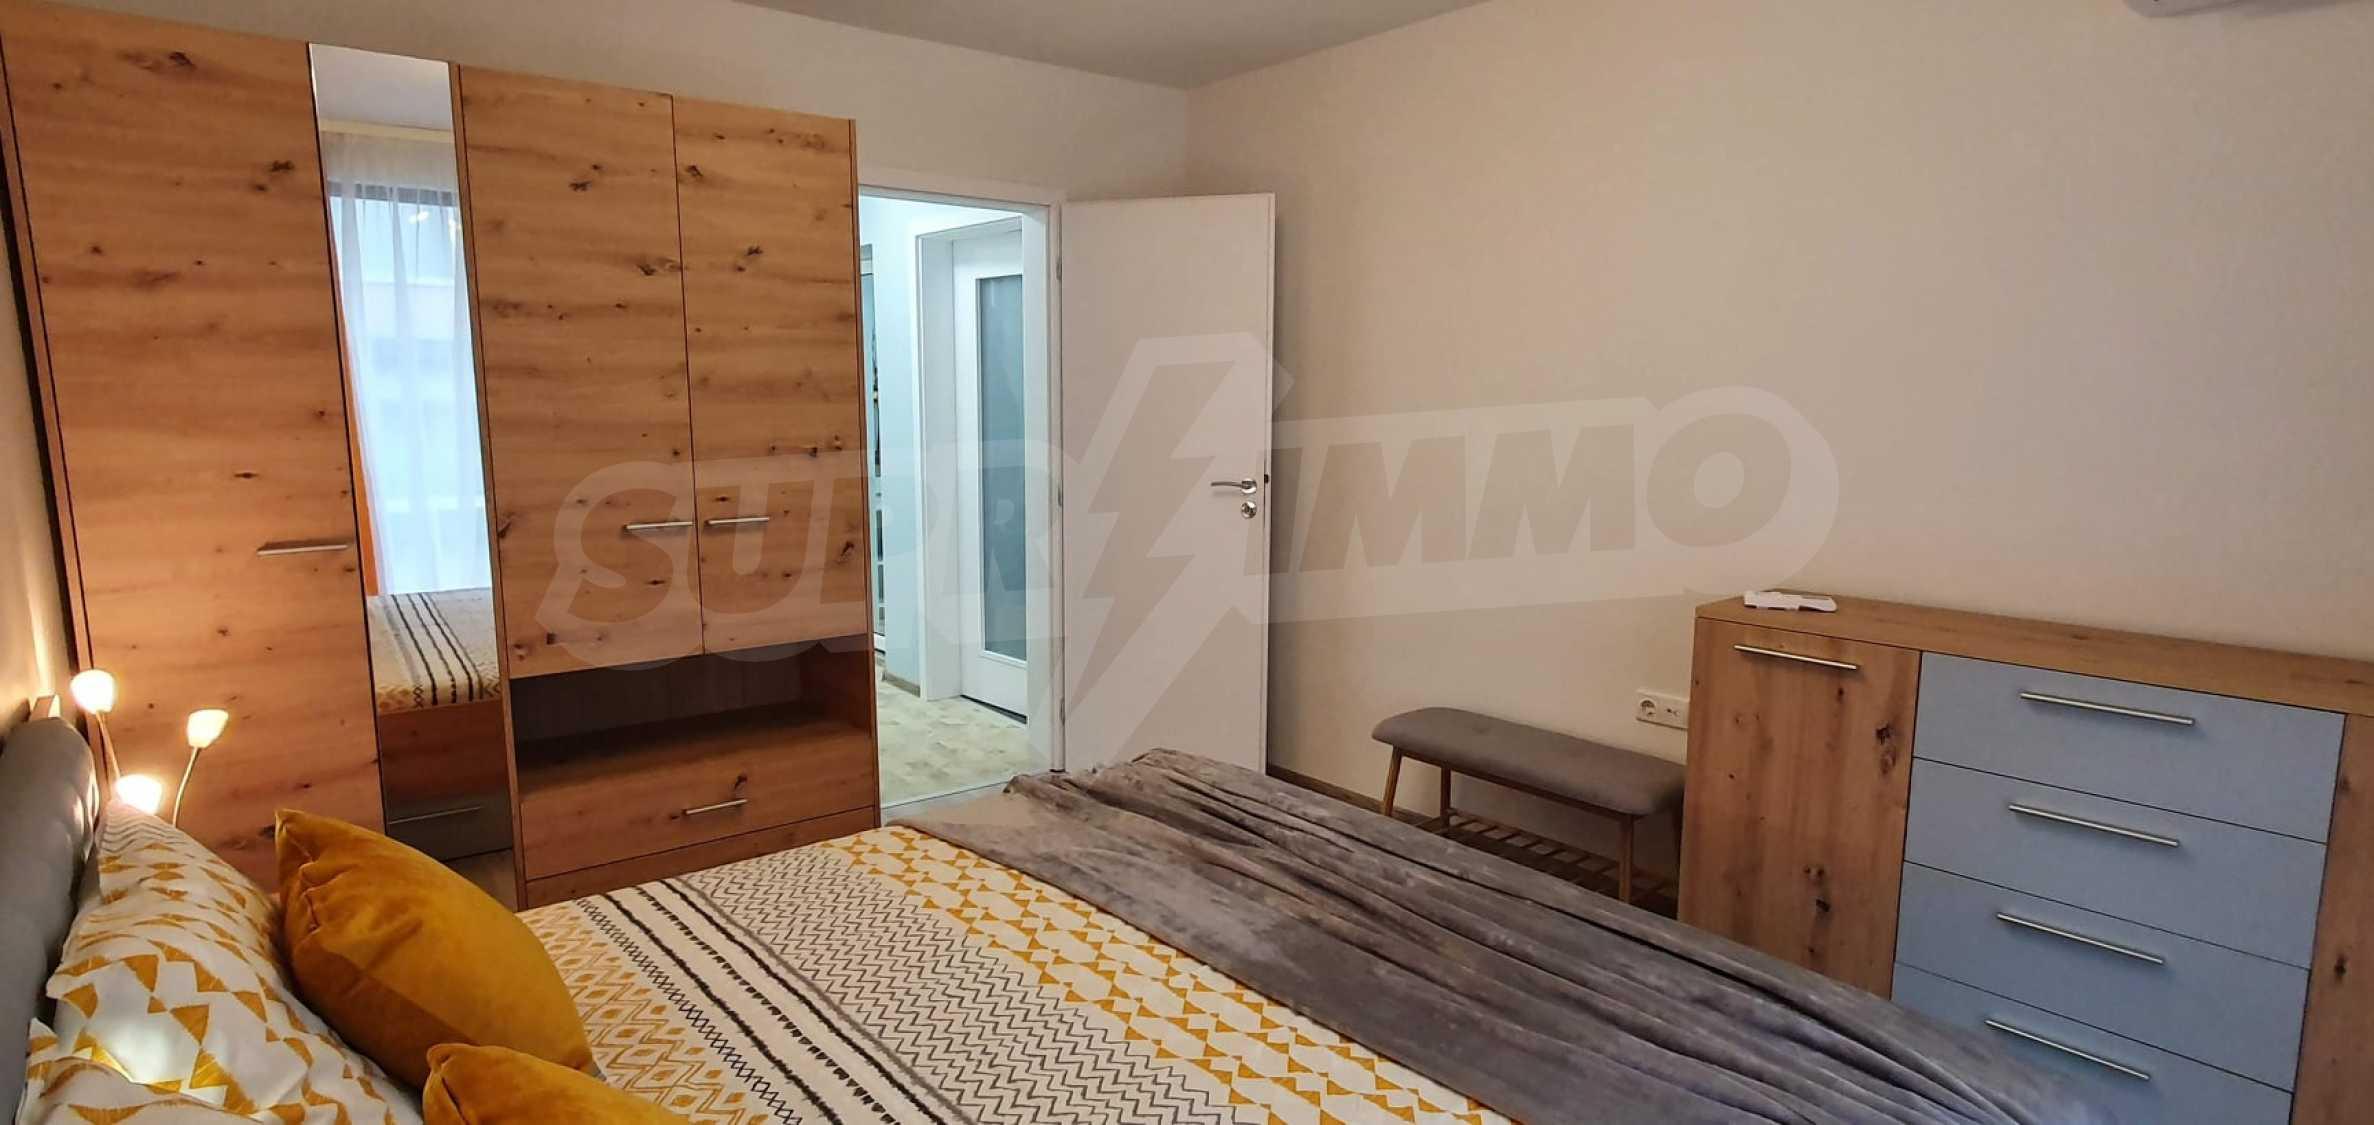 Новая стильно меблированная двухкомнатная квартира в Пловдиве, Центральный район, Каменица 8